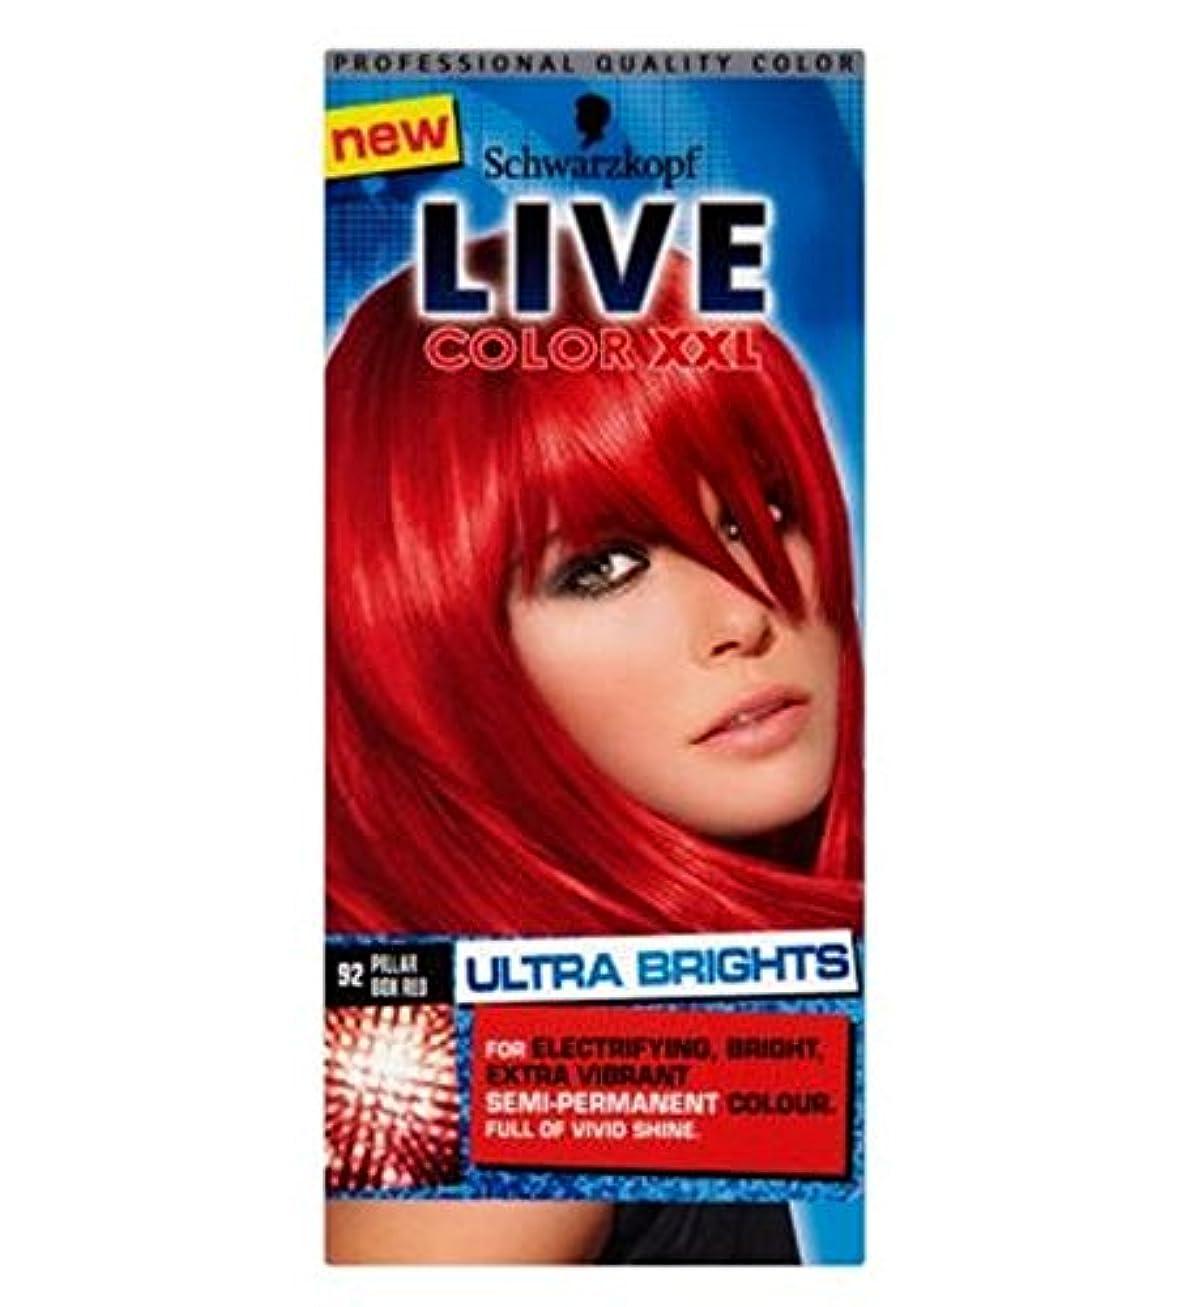 引き潮羽精巧なSchwarzkopf LIVE Color XXL Ultra Brights 92 Pillar Box Red Semi-Permanent Red Hair Dye - シュワルツコフライブカラーXxl超輝92ピラーボックス赤半永久的な赤い髪の染料 (Schwarzkopf) [並行輸入品]